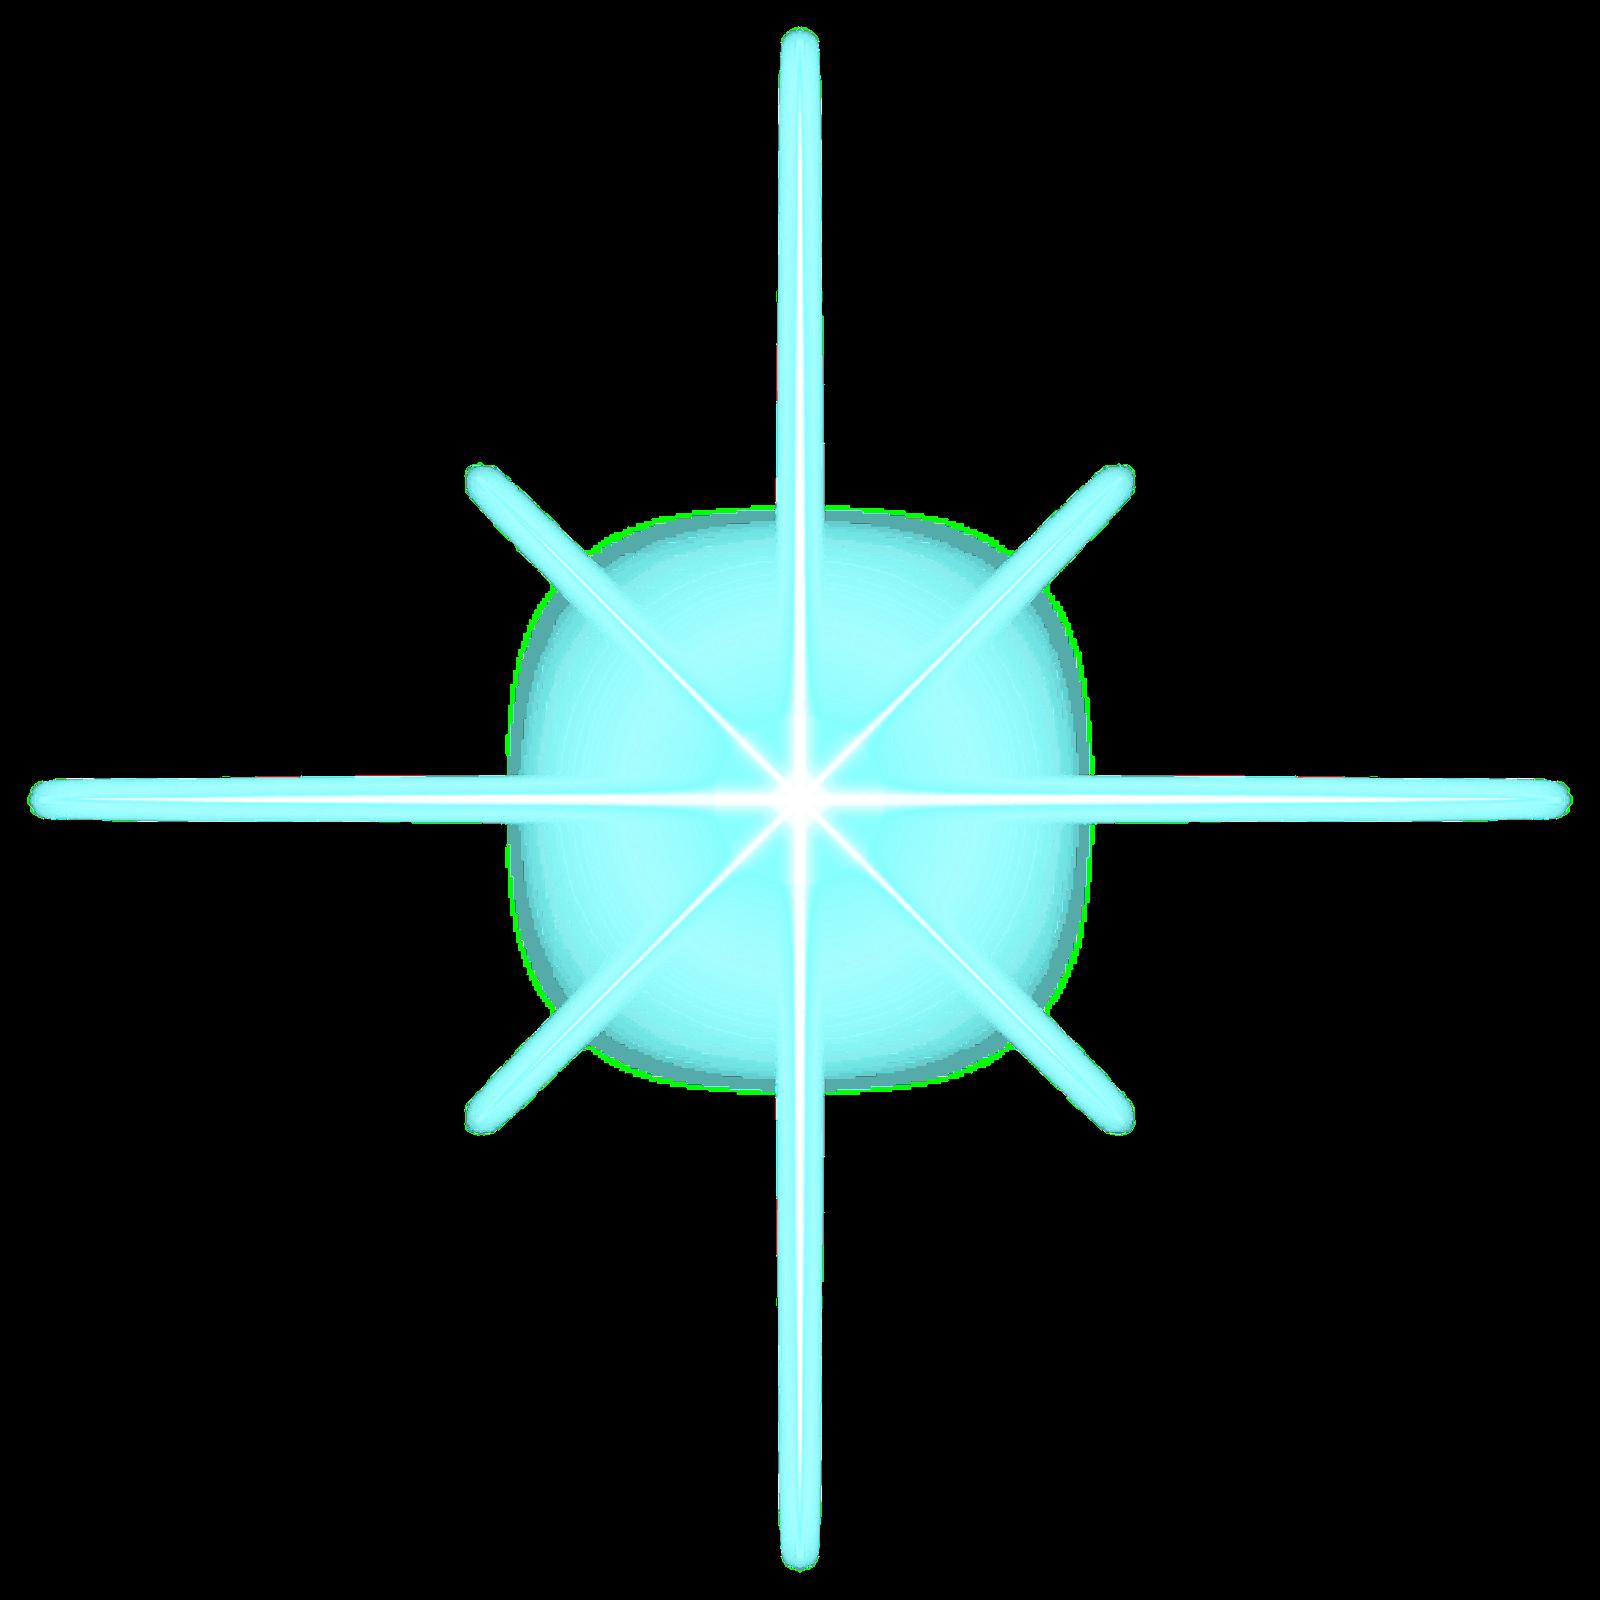 Clipart diamond glitter. Sparkle png transparent images